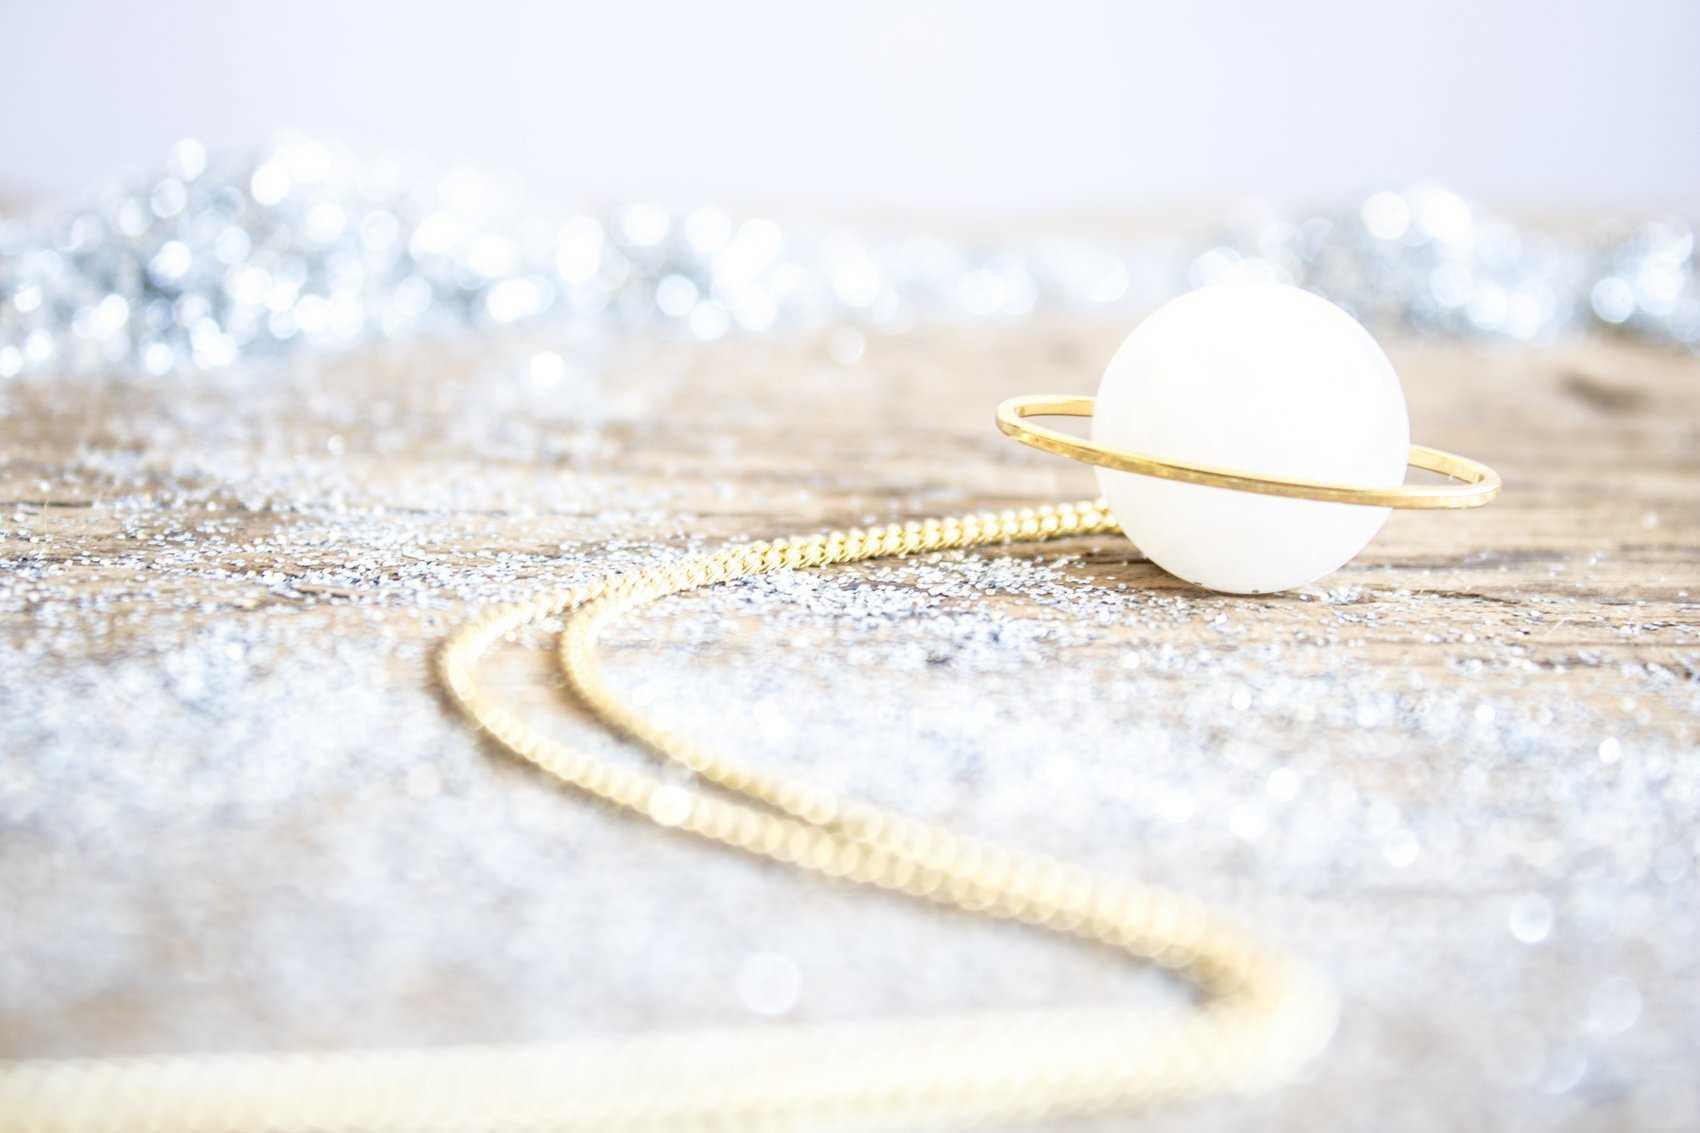 Saturno Colgante / Necklace